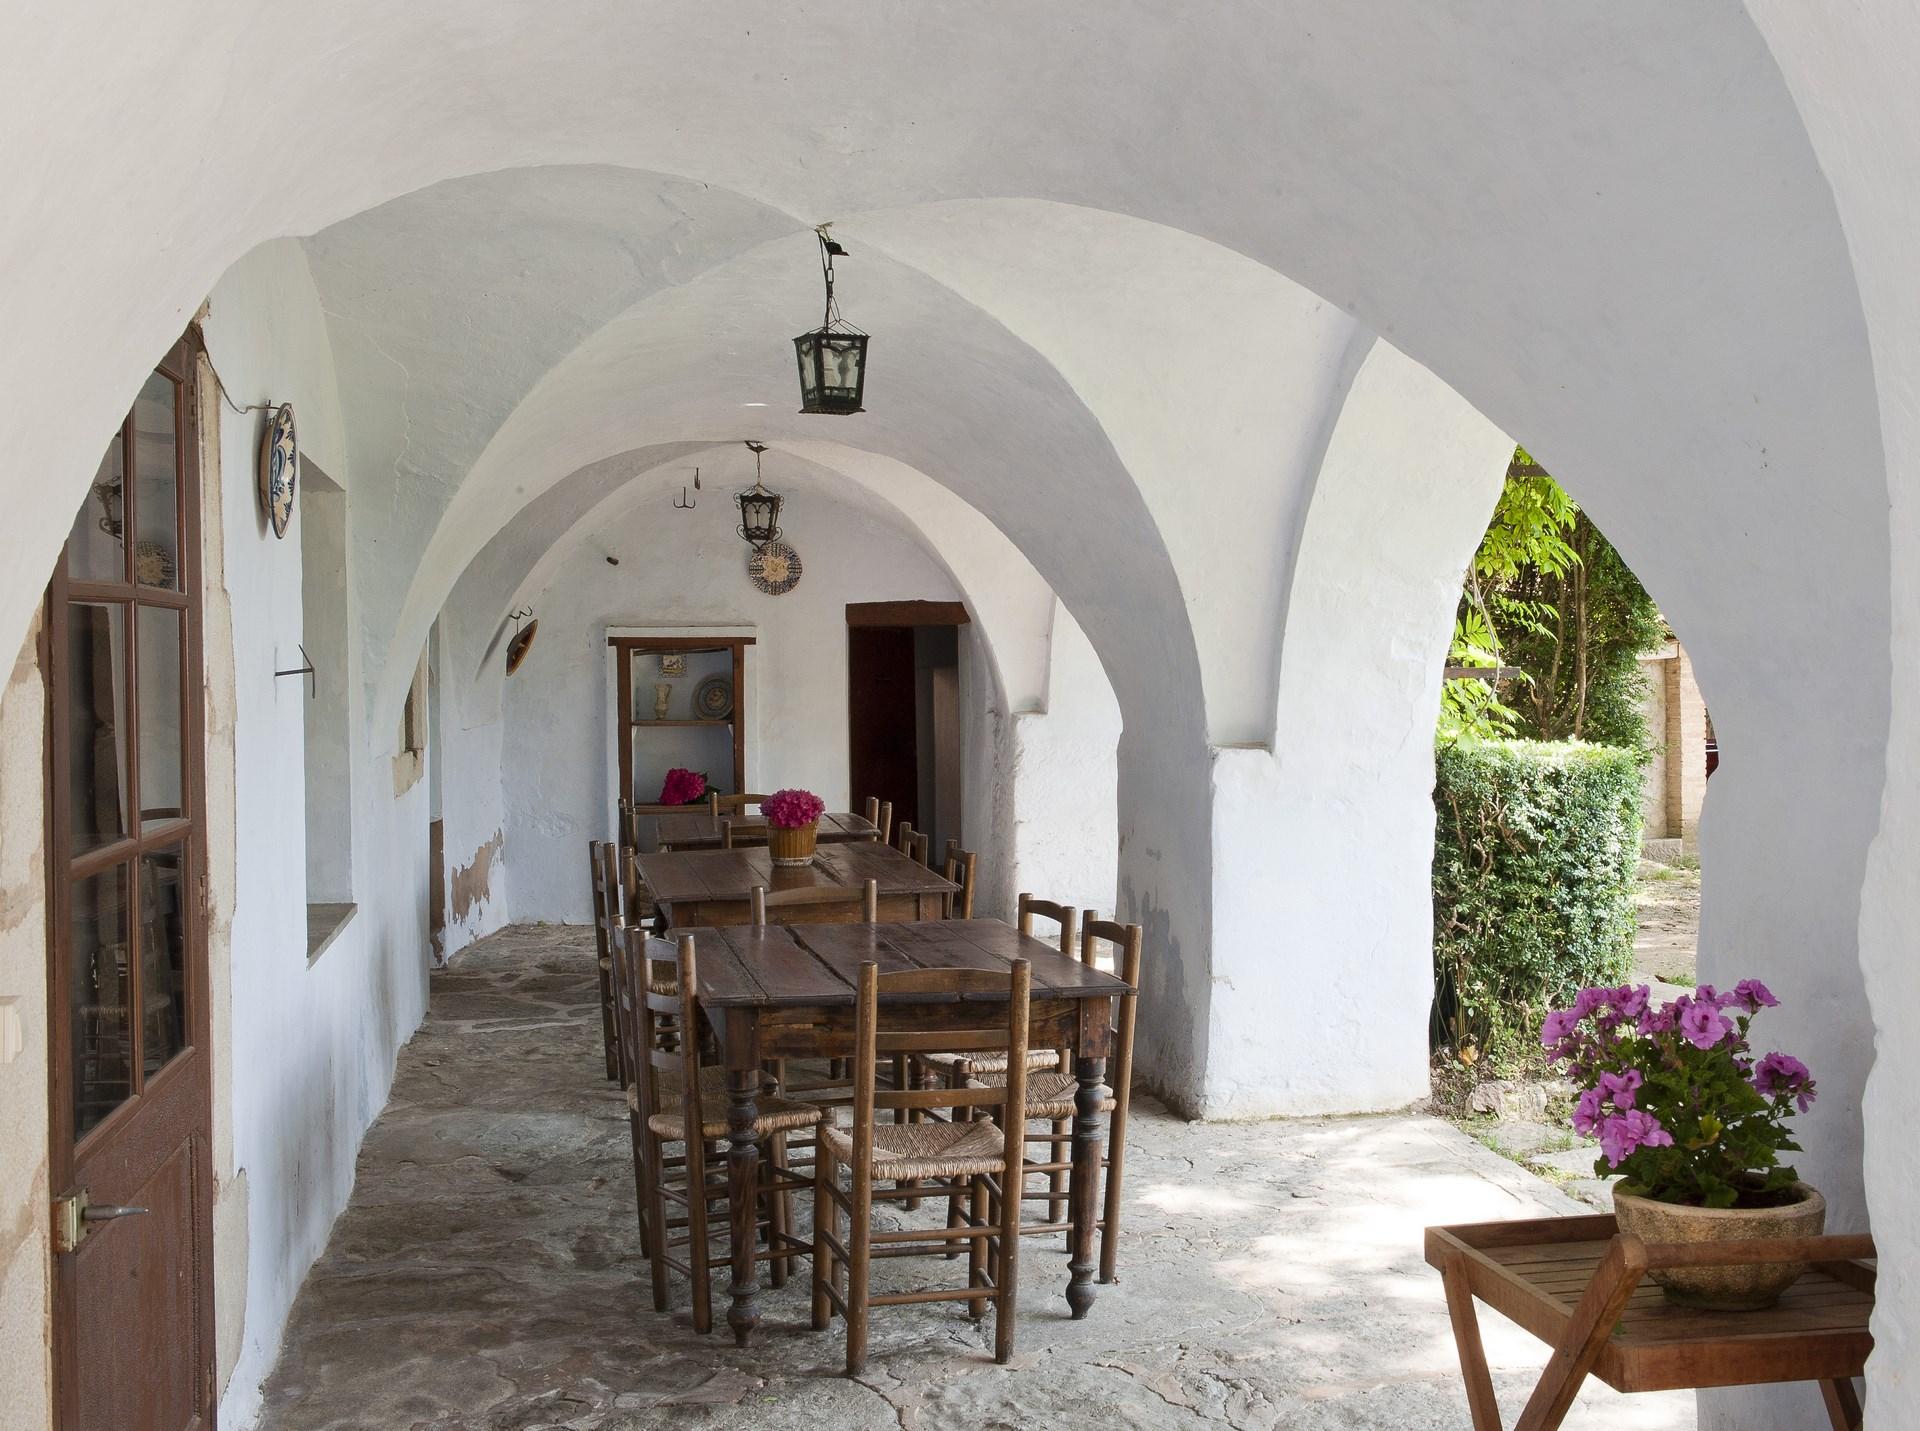 Casa Prat - galeria al jardí